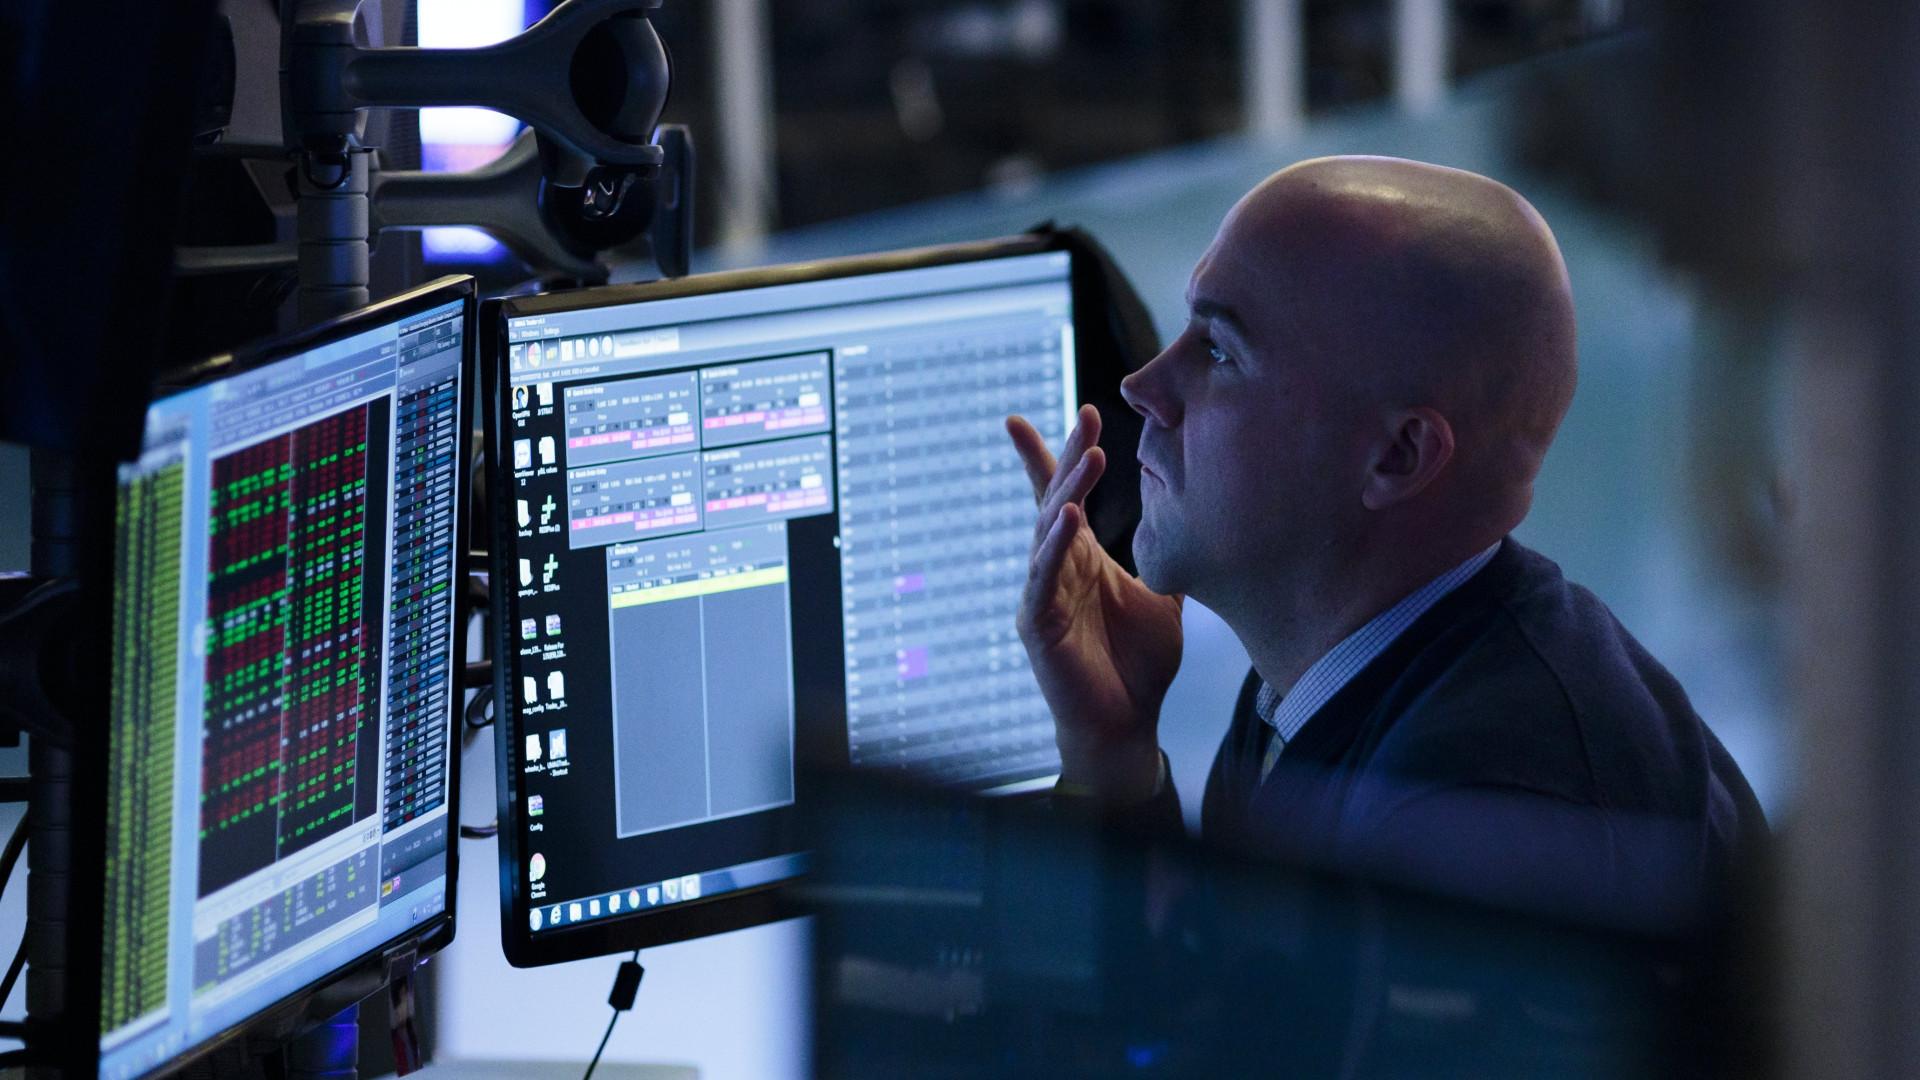 Wall Street acaba em alta acentuada depois de fortes oscilações